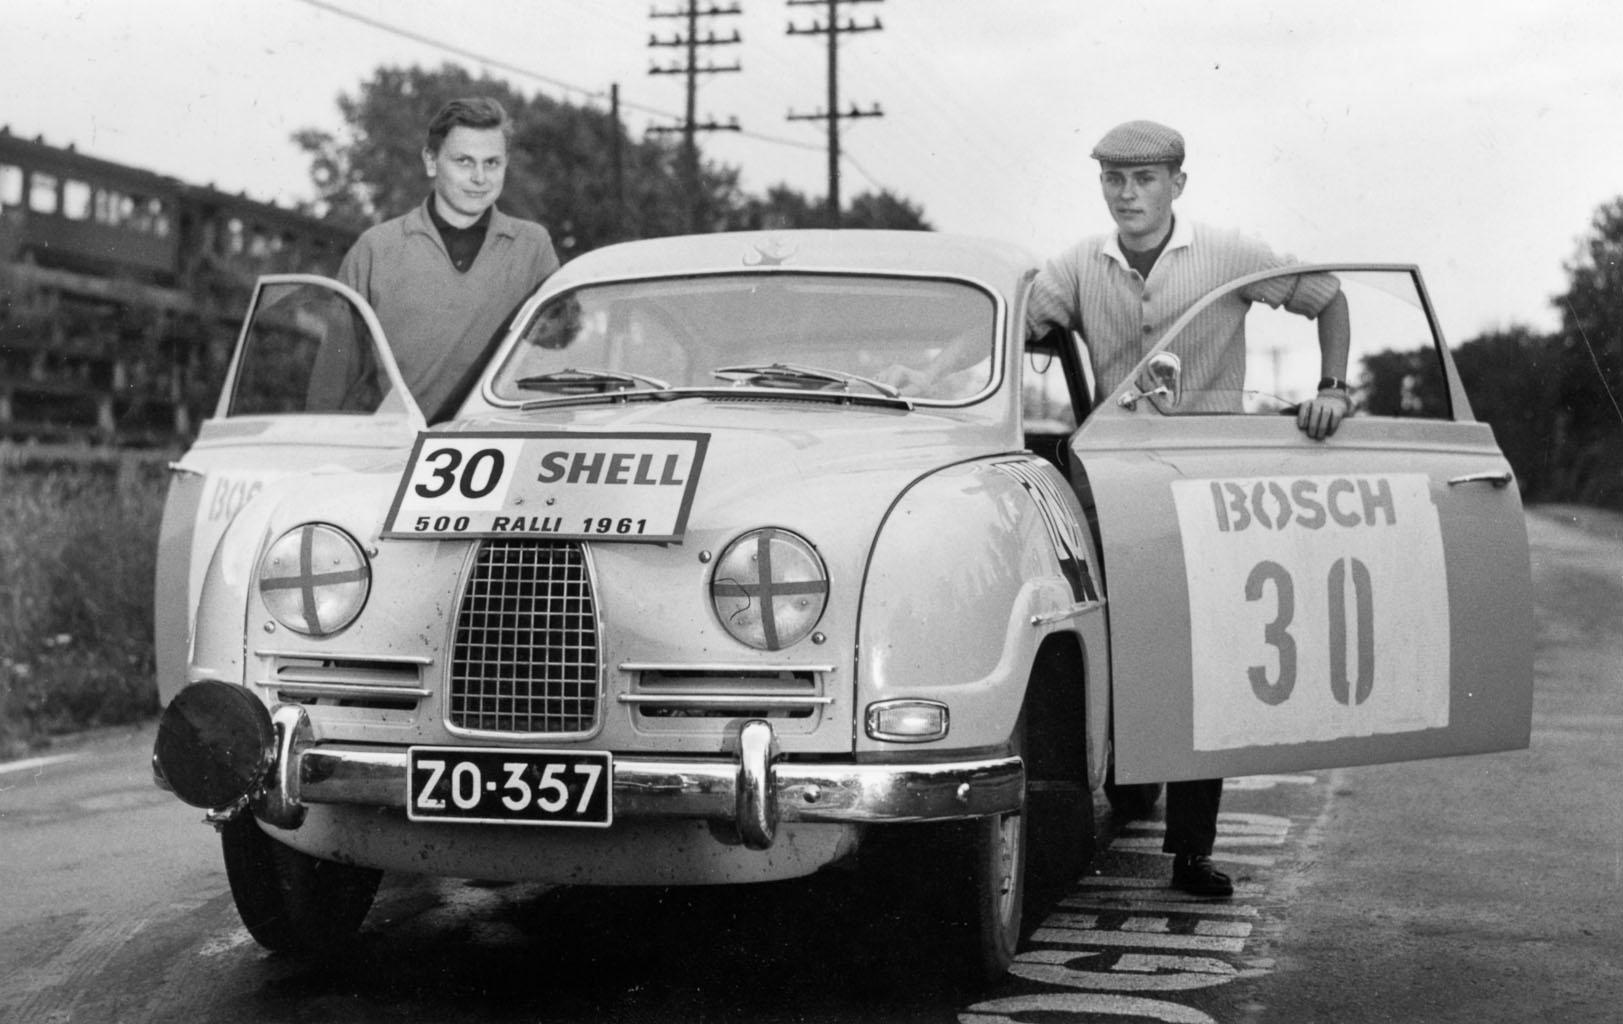 Simo Lampisen ensimmäinen ralliauto oli Saab 96, jolla hän heti saalisti 500-rallin neljännen sijan. ZO-357 on juuri se sama helmenharmaa yksilö, jota Importerin automyyjä Kai L. Bremer ei millään meinannut suostua keskenkasvuisena pitämälleen Simolle myymään.